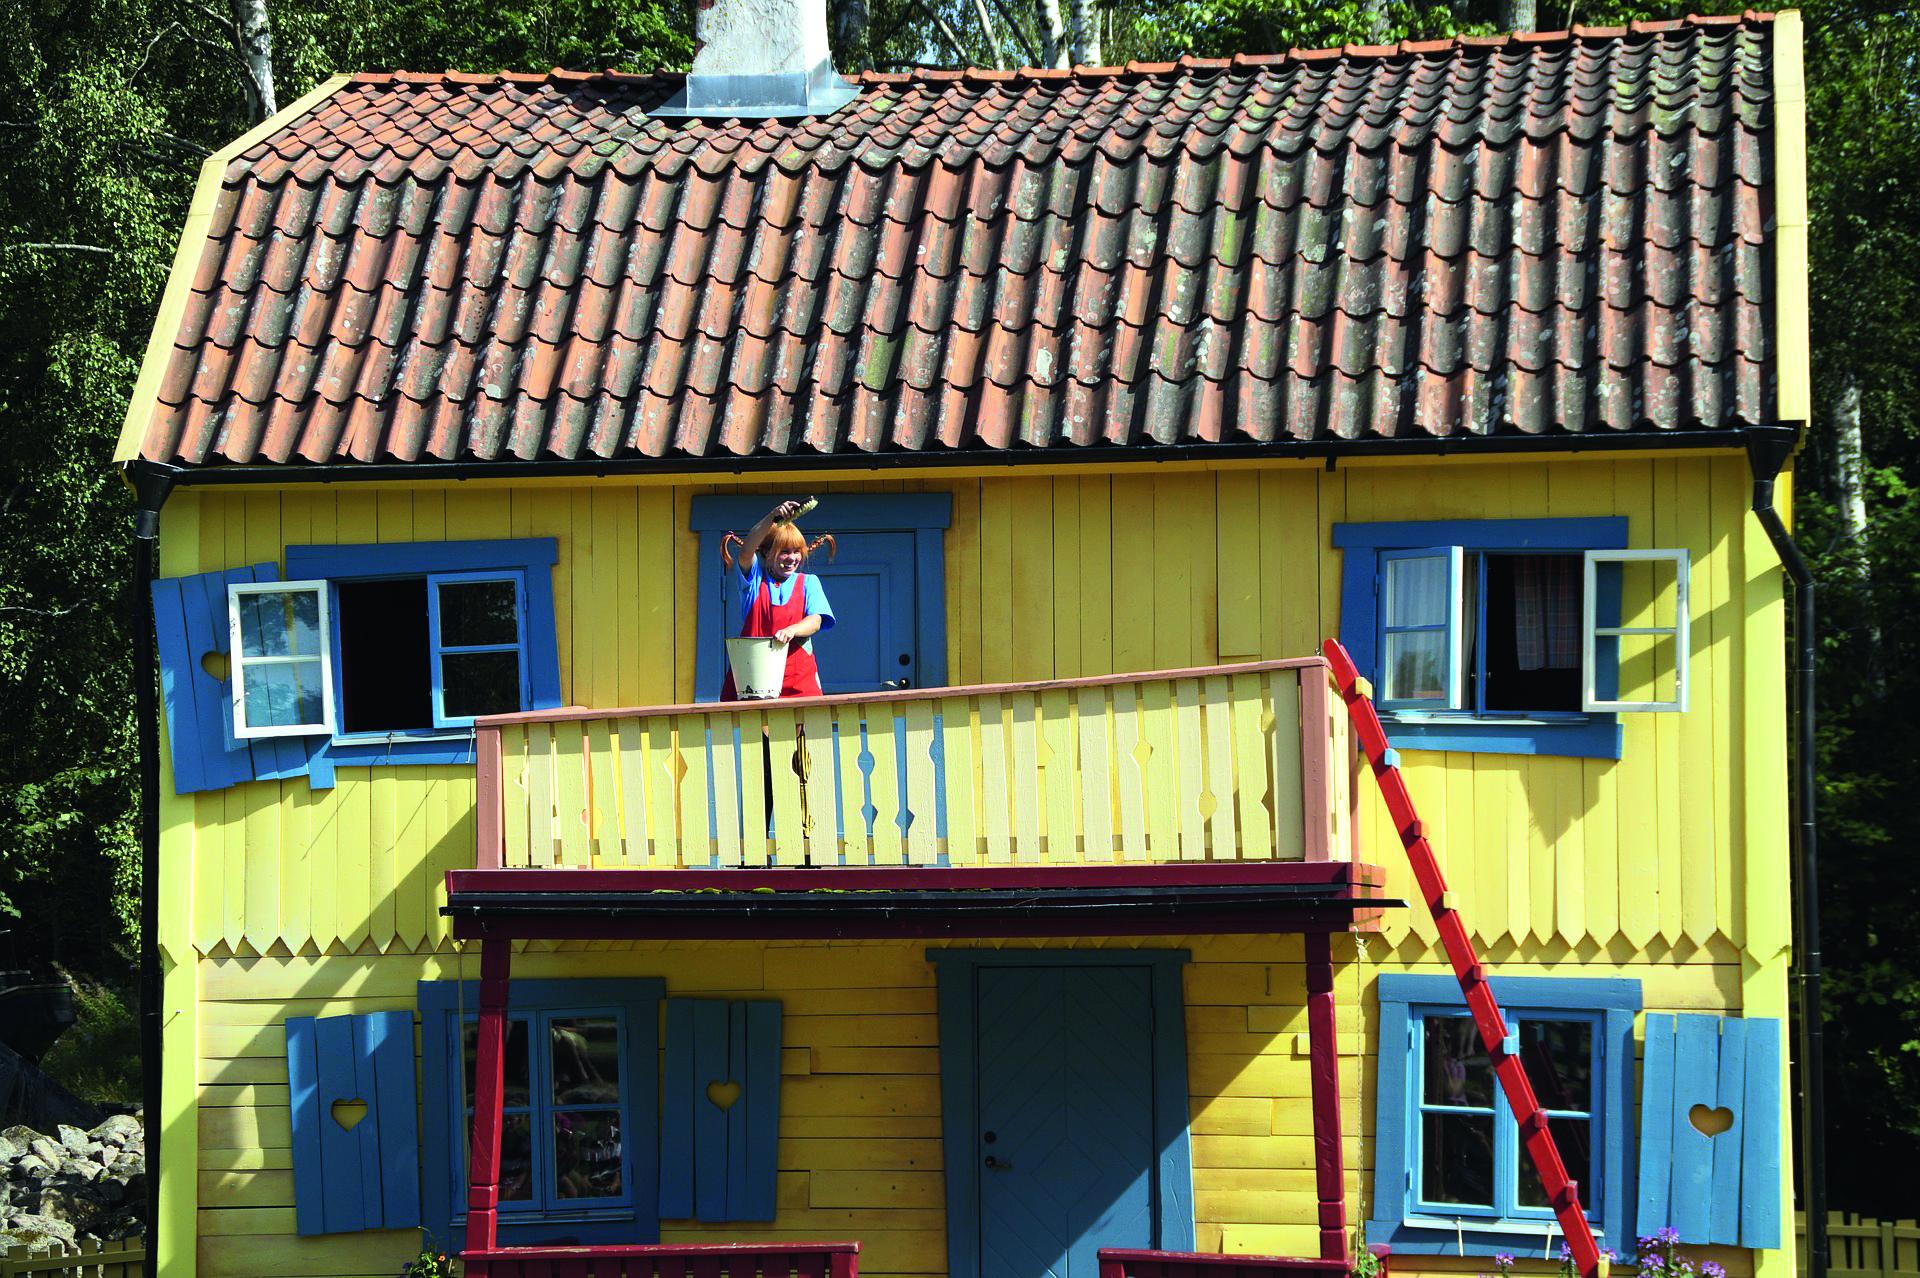 Pixabay Pippi villa kunterbunt 905347 1920 - DIE SCHÖNSTEN WEIHNACHTSMÄRCHEN